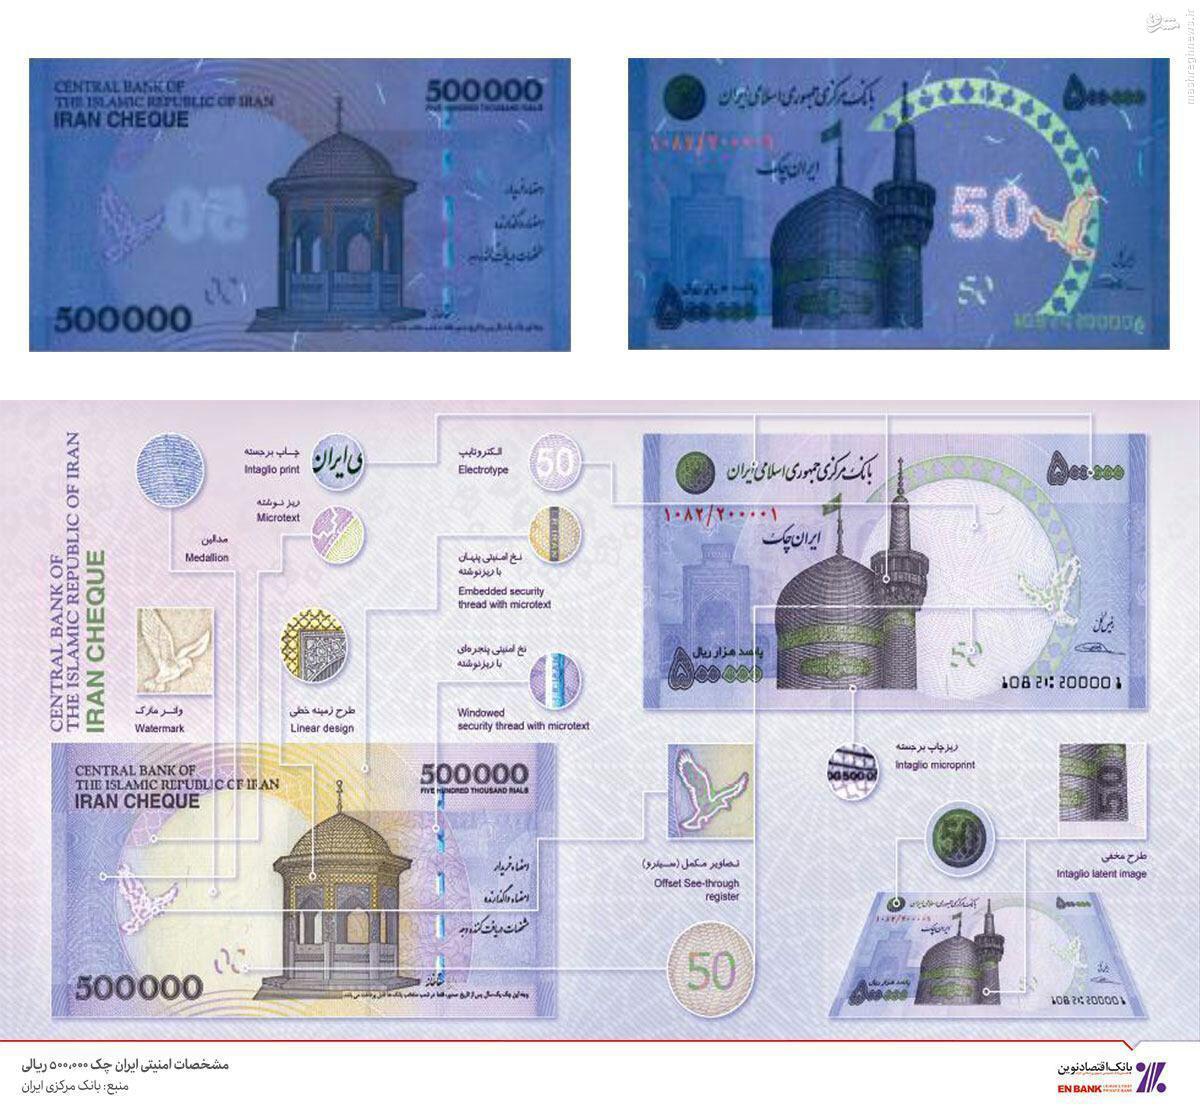 عکس/ نکات امنیتی چک پول ۵٠ هزار تومانی